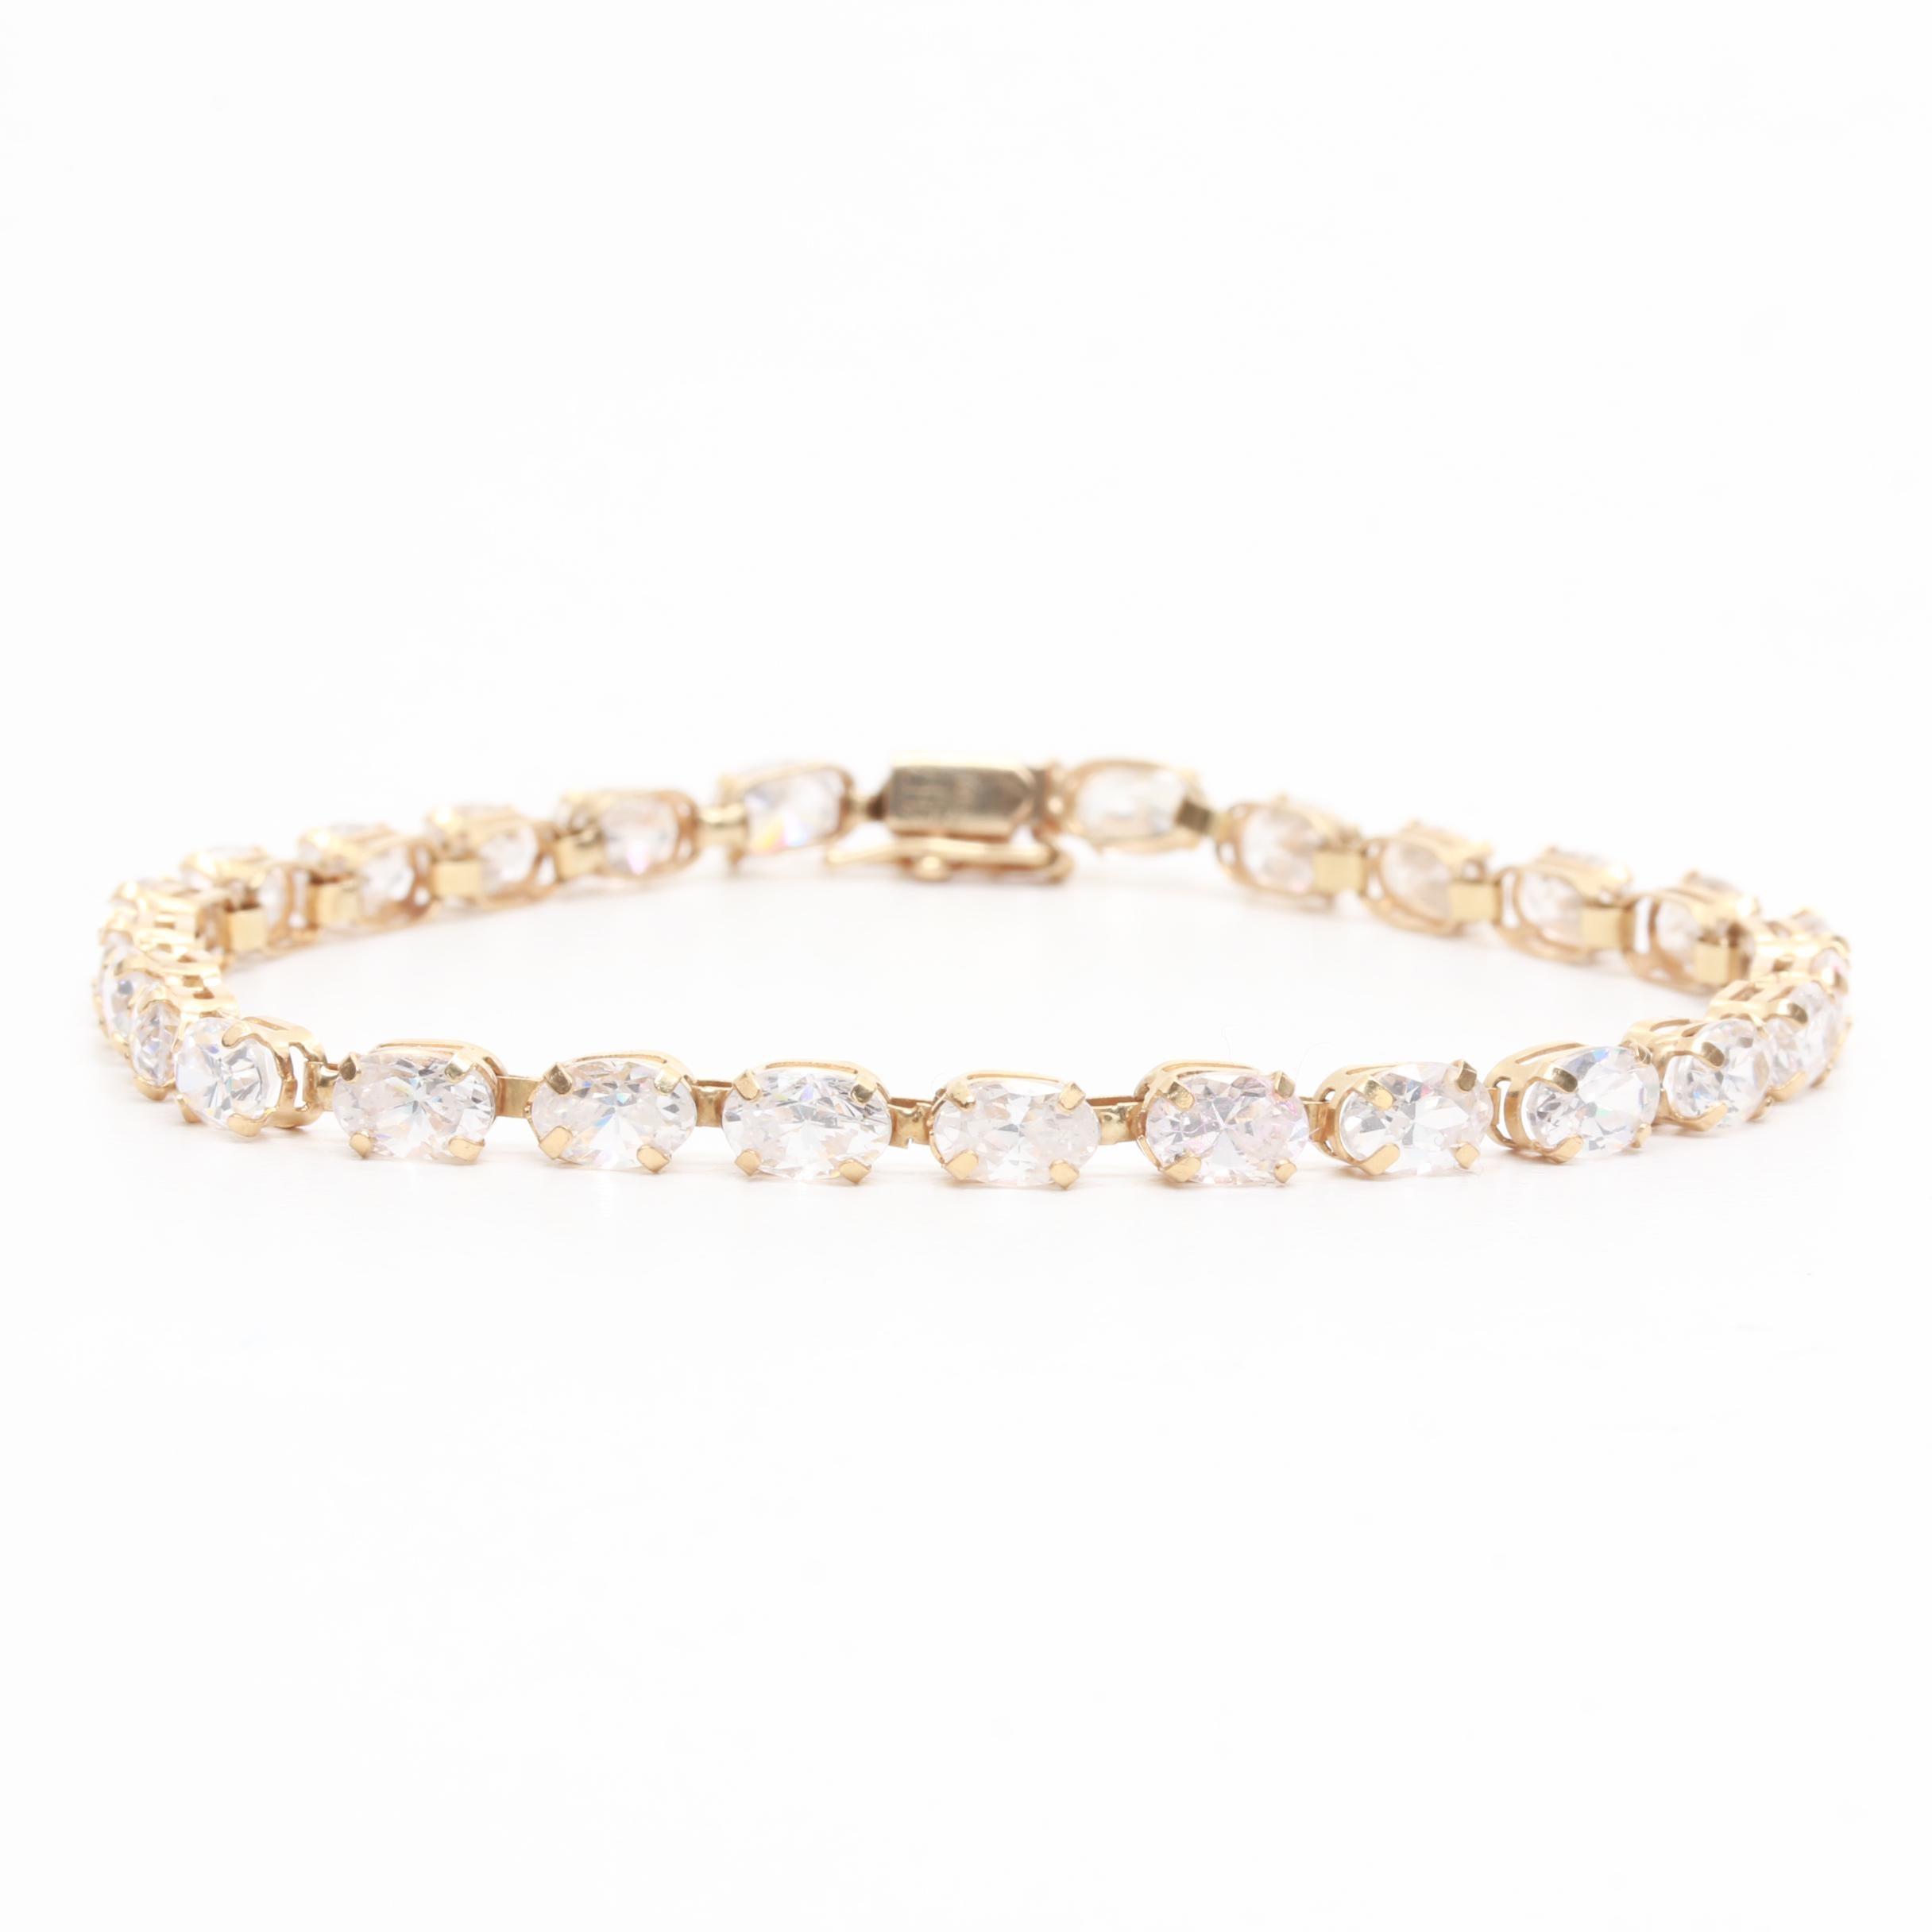 10K Yellow Gold Cubic Zirconia Link Bracelet